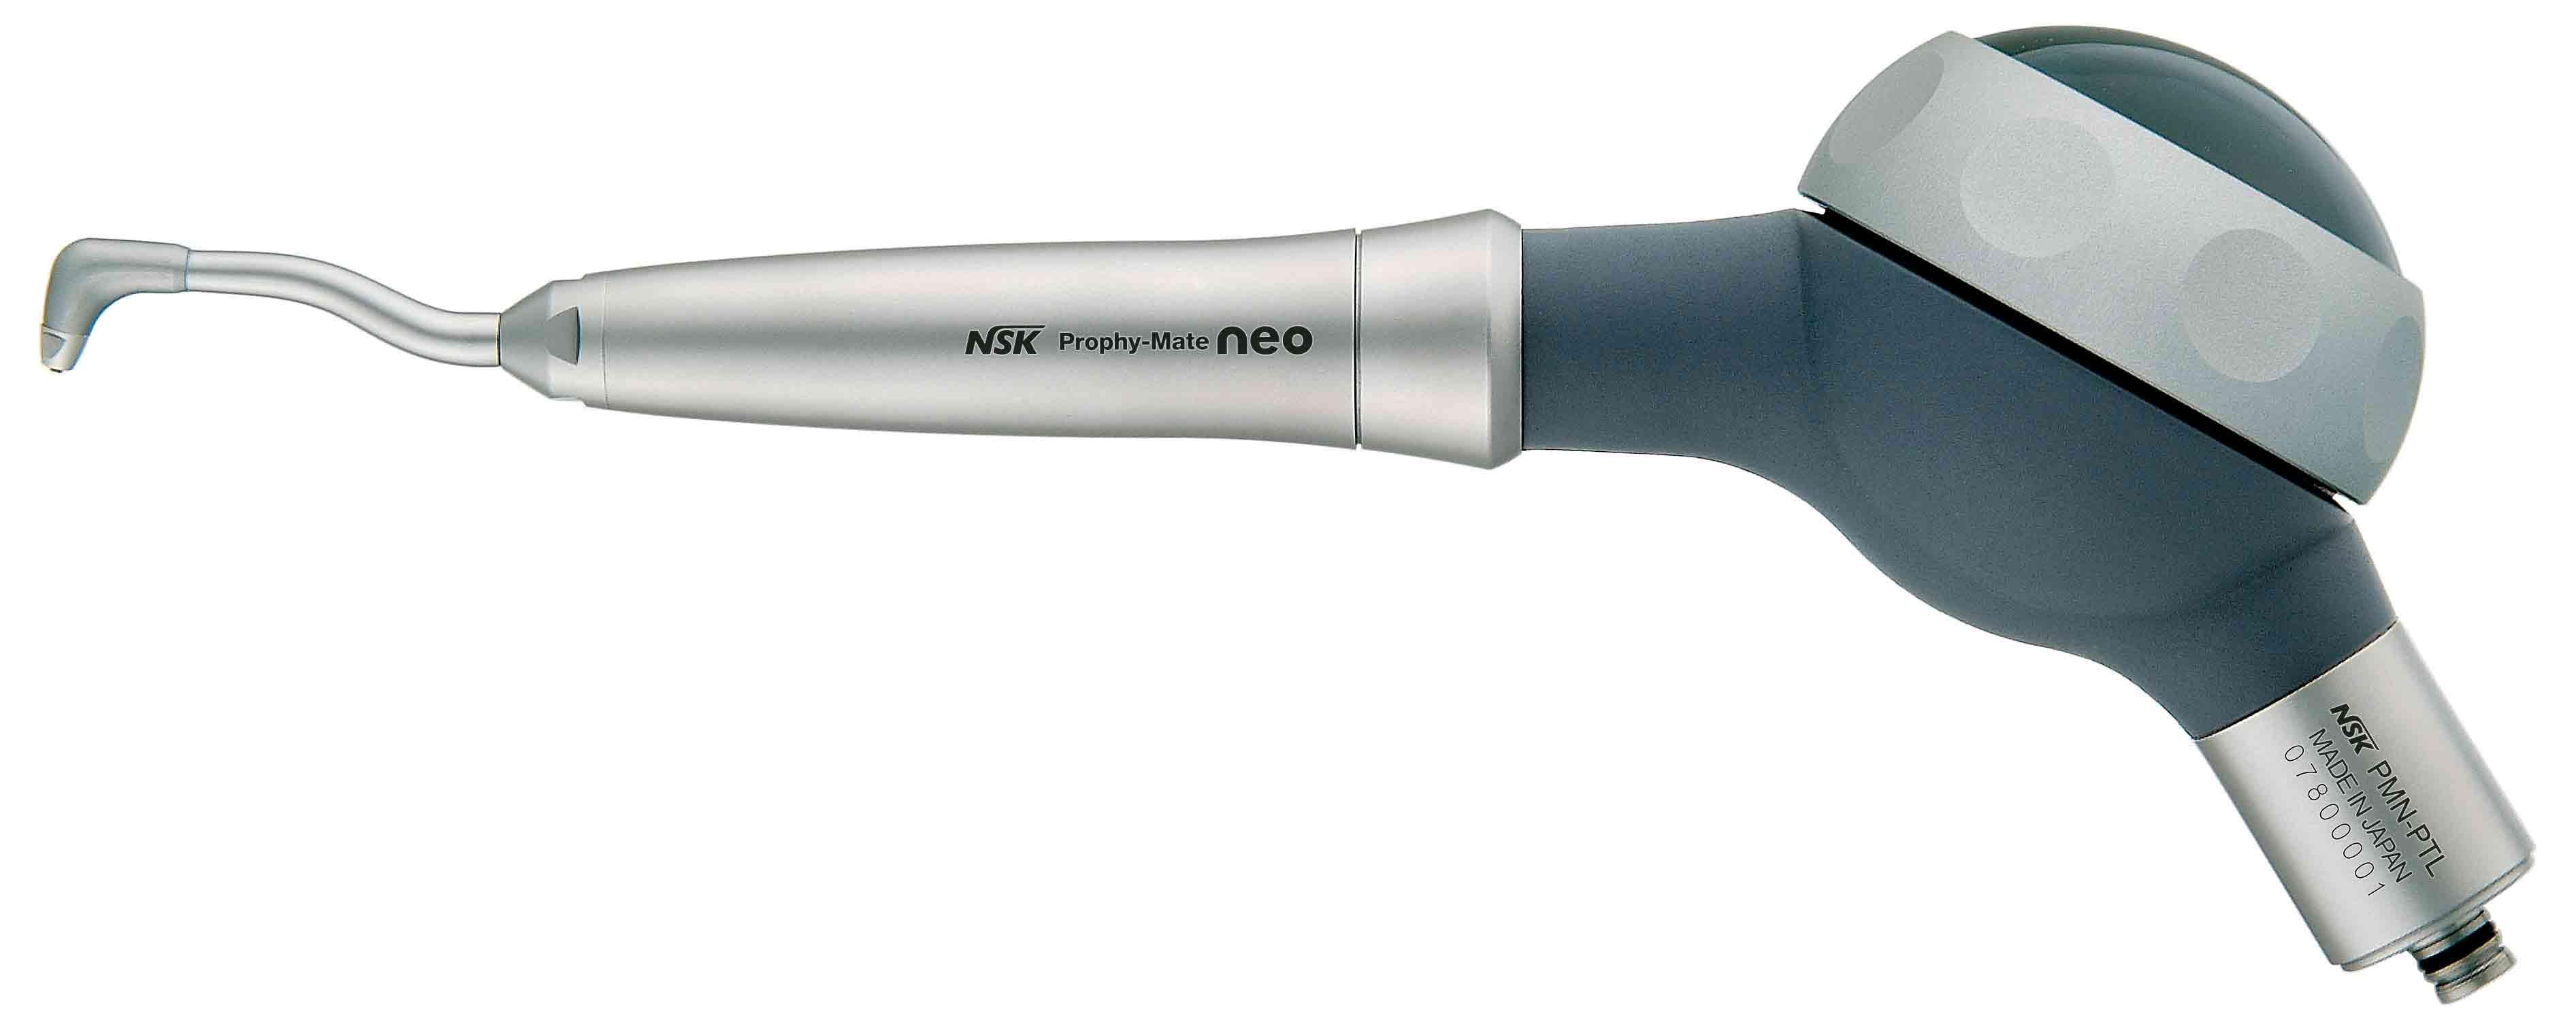 nsk air polish